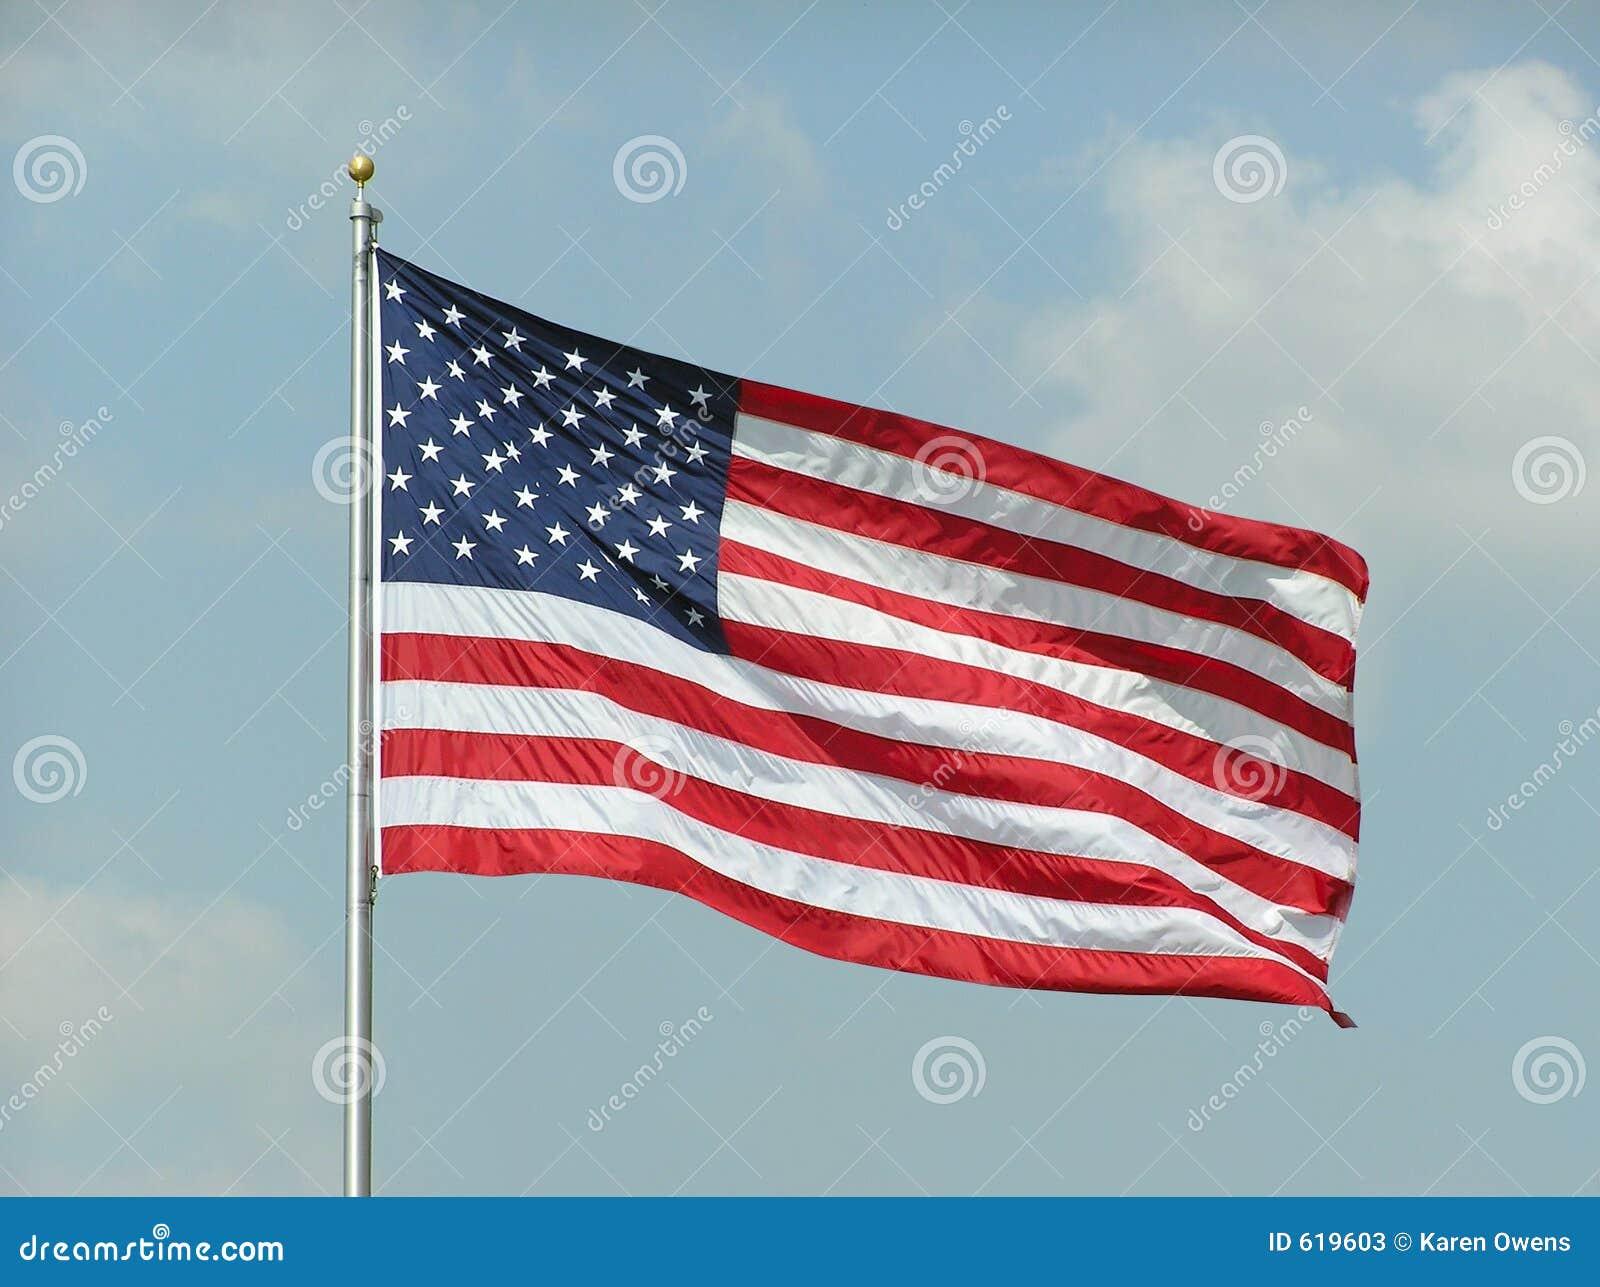 amerikanische flagge stockbild bild von fahnen markierungsfahnen 619603. Black Bedroom Furniture Sets. Home Design Ideas